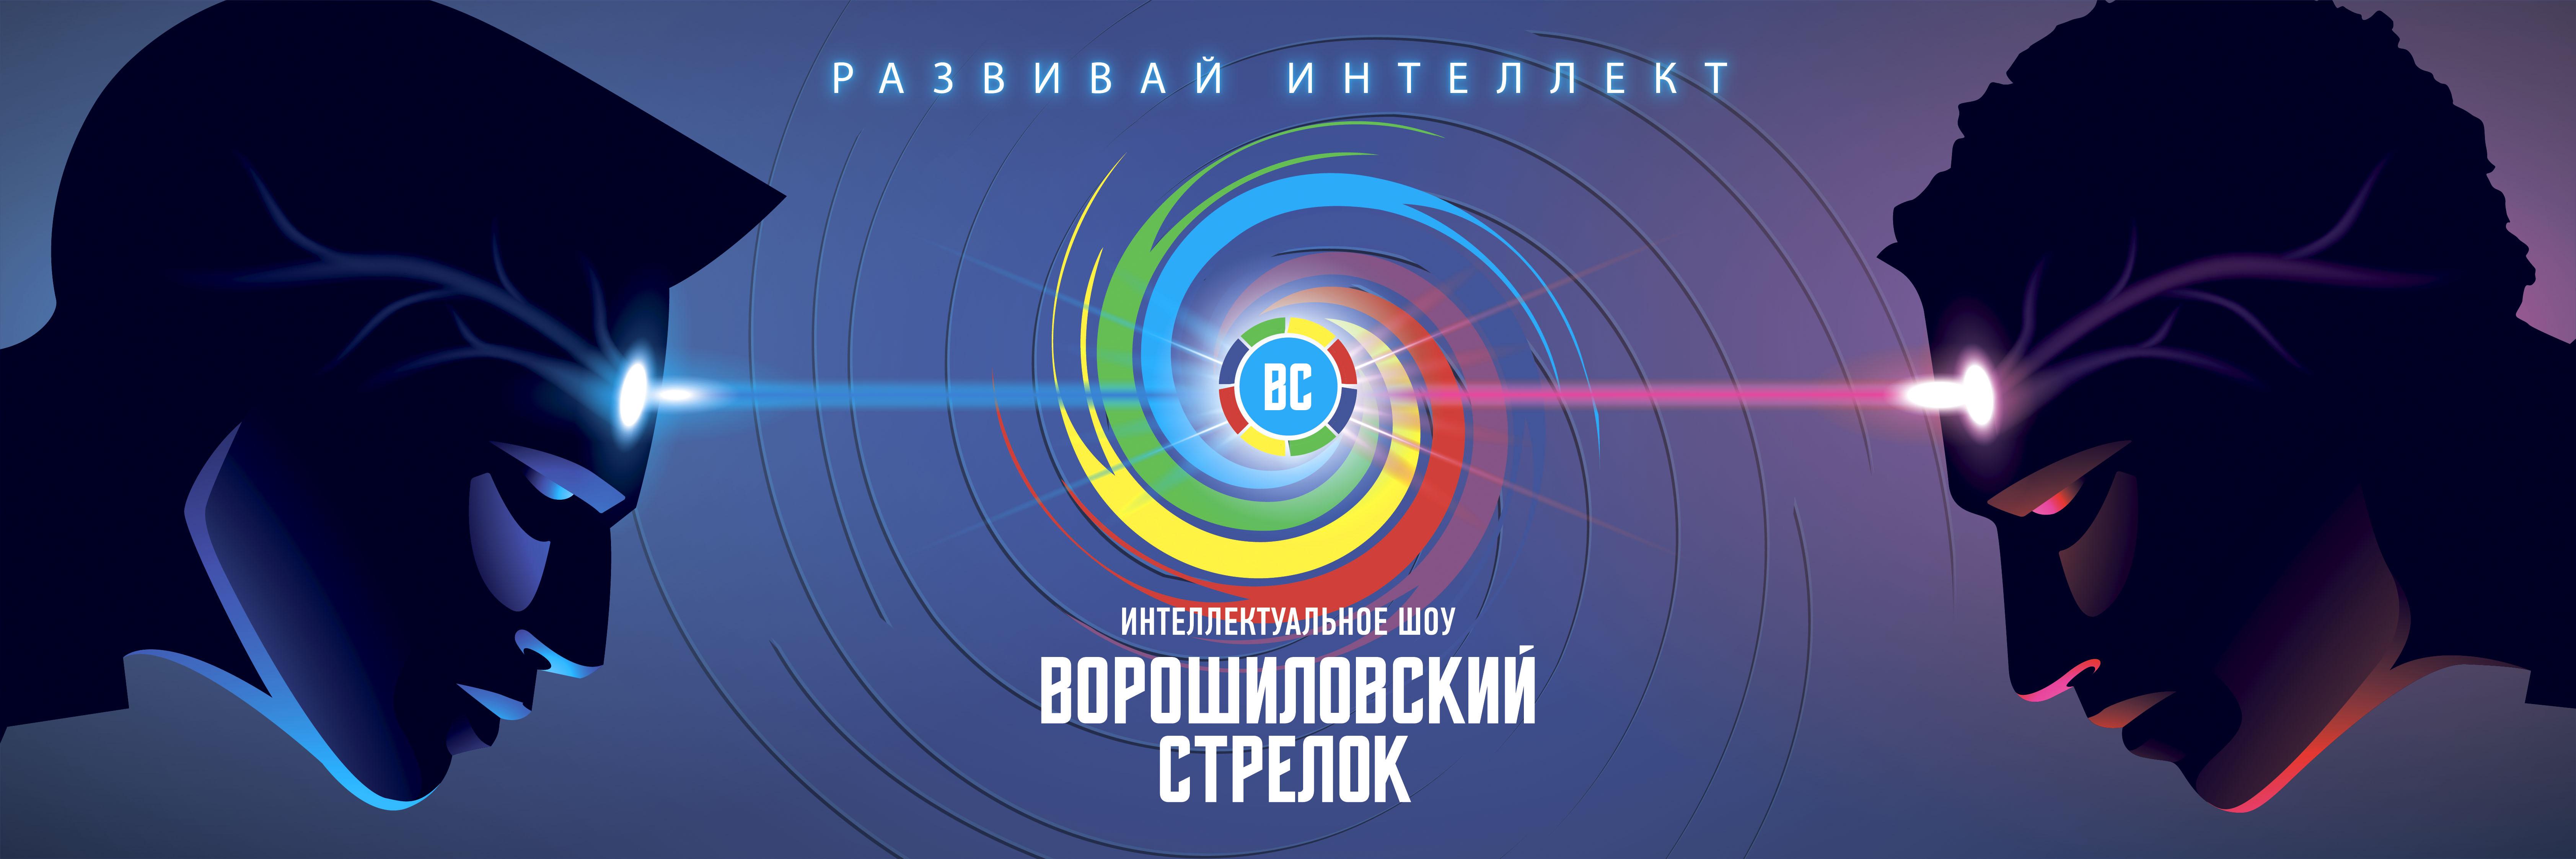 Интеллектуальное шоу «Ворошиловский Стрелок»